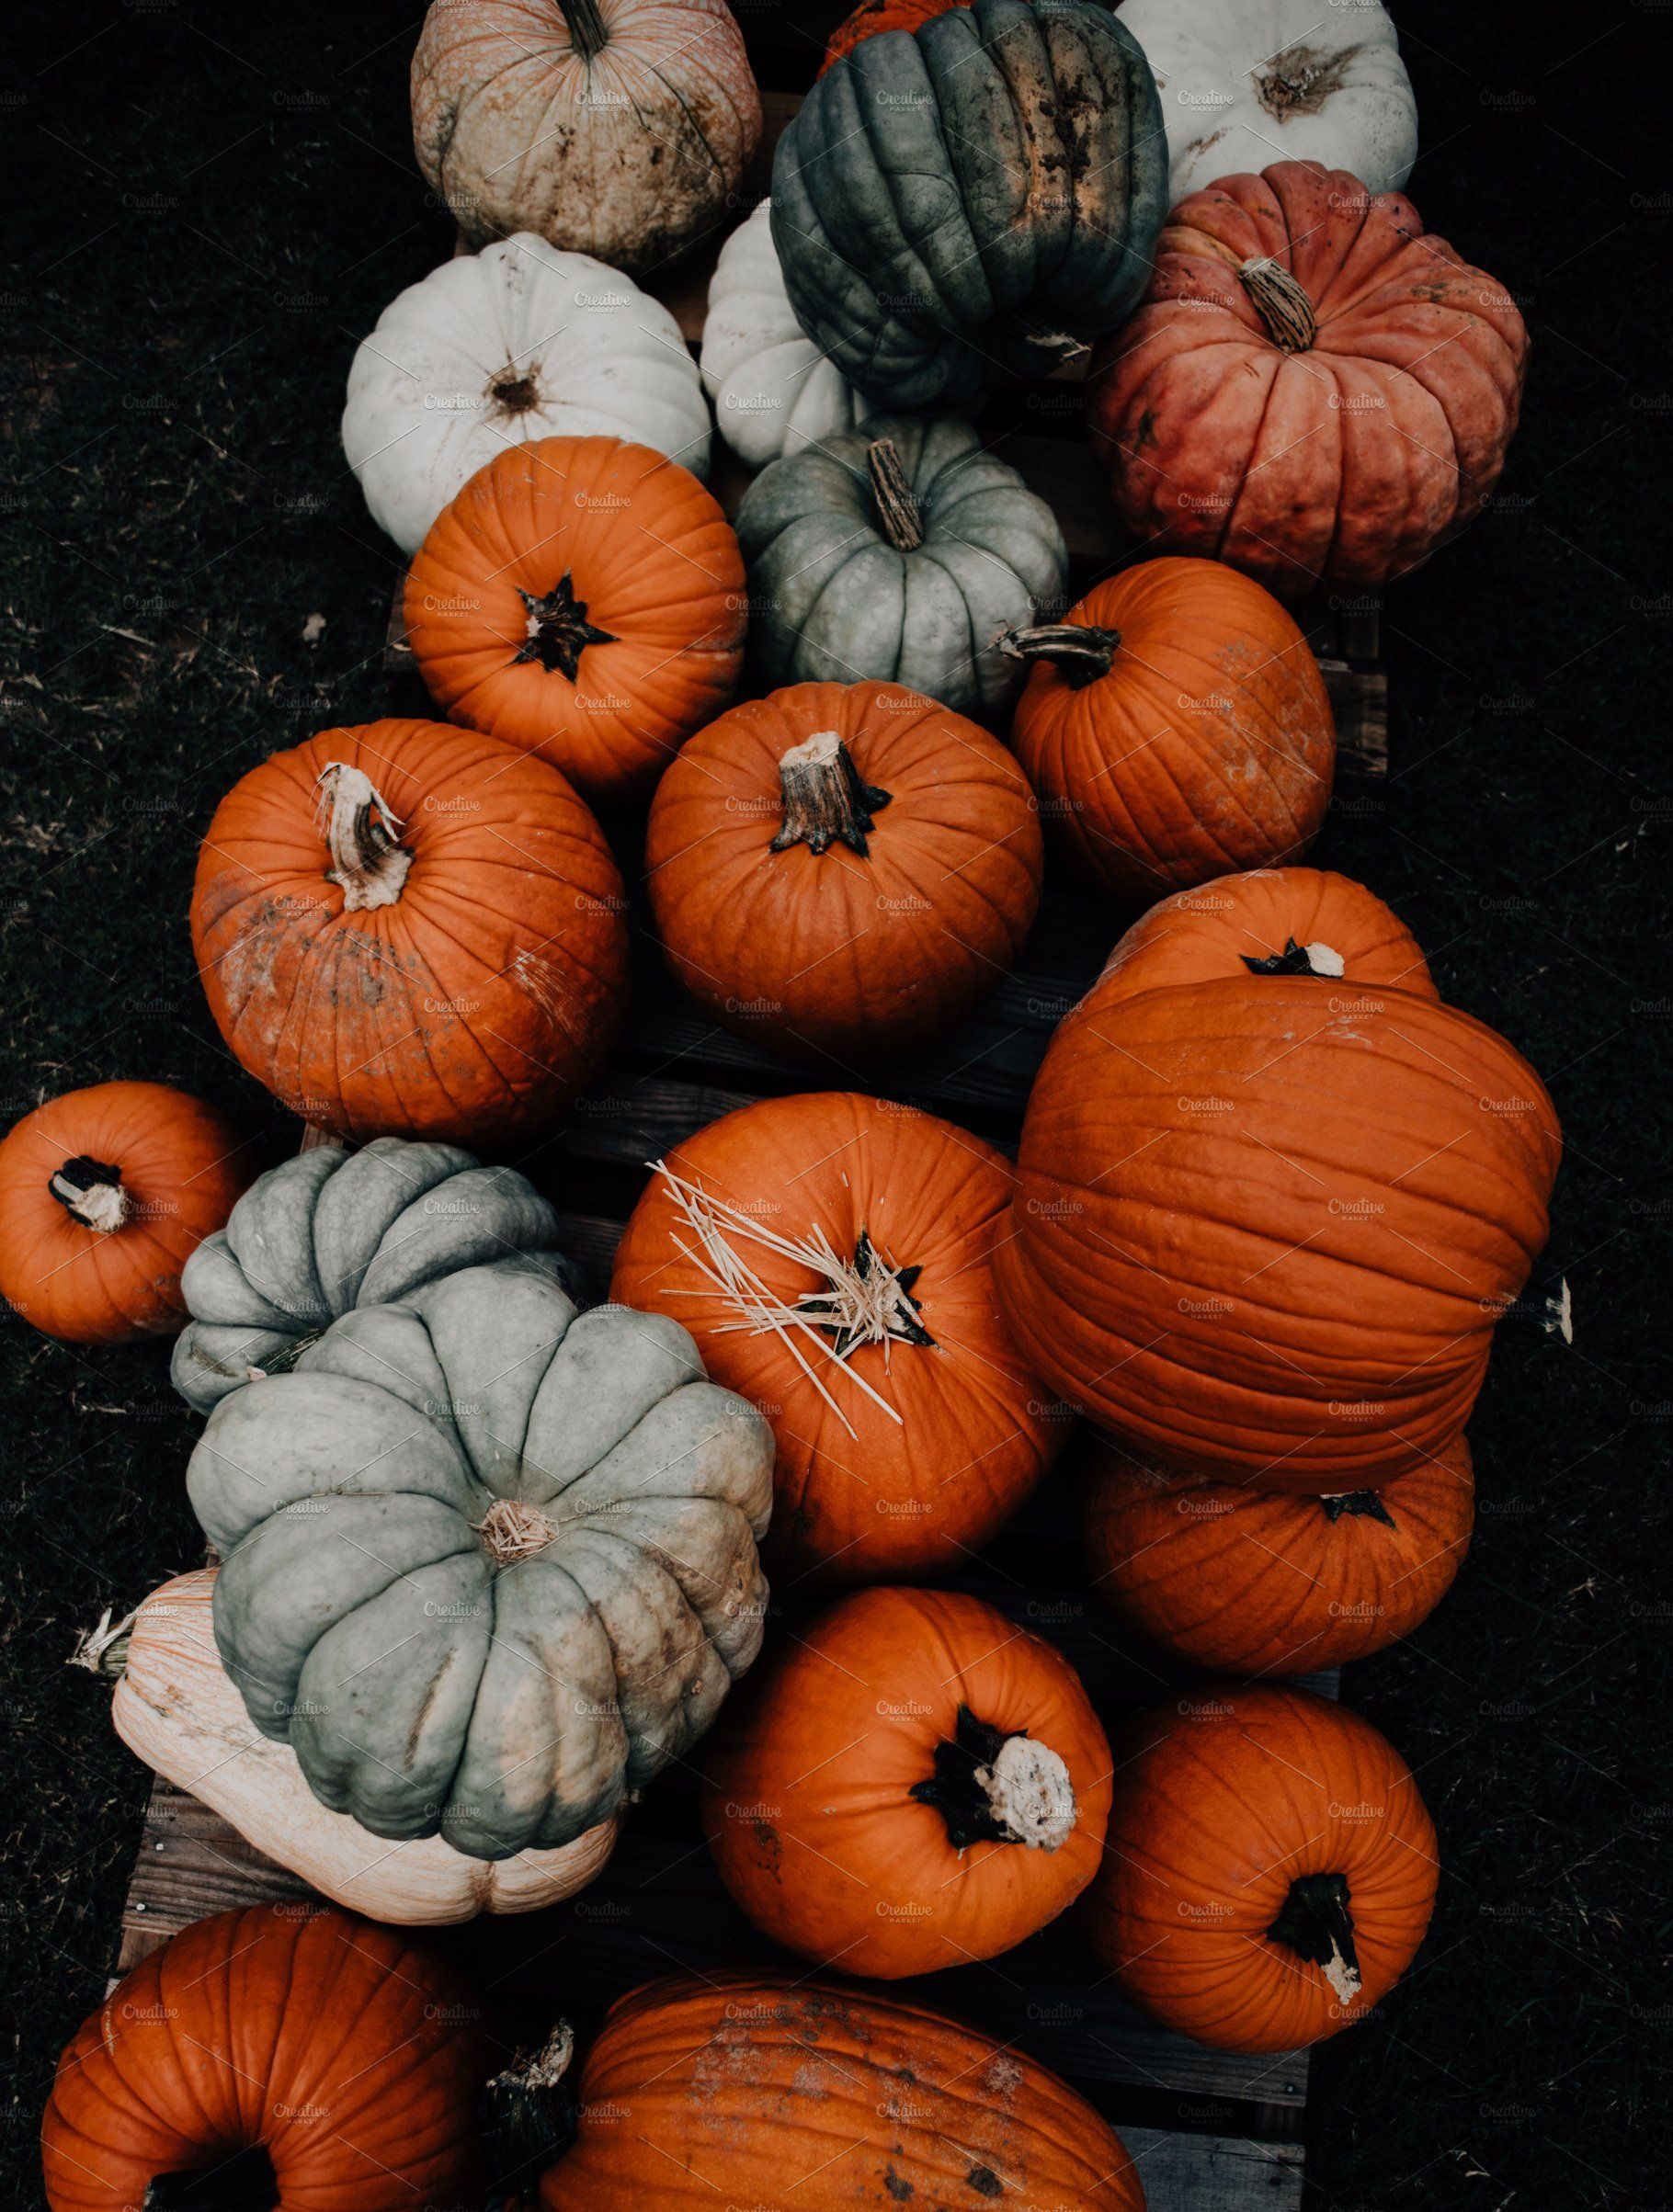 Fall Pumpkin Patch, Farmers Market Pumpkin wallpaper